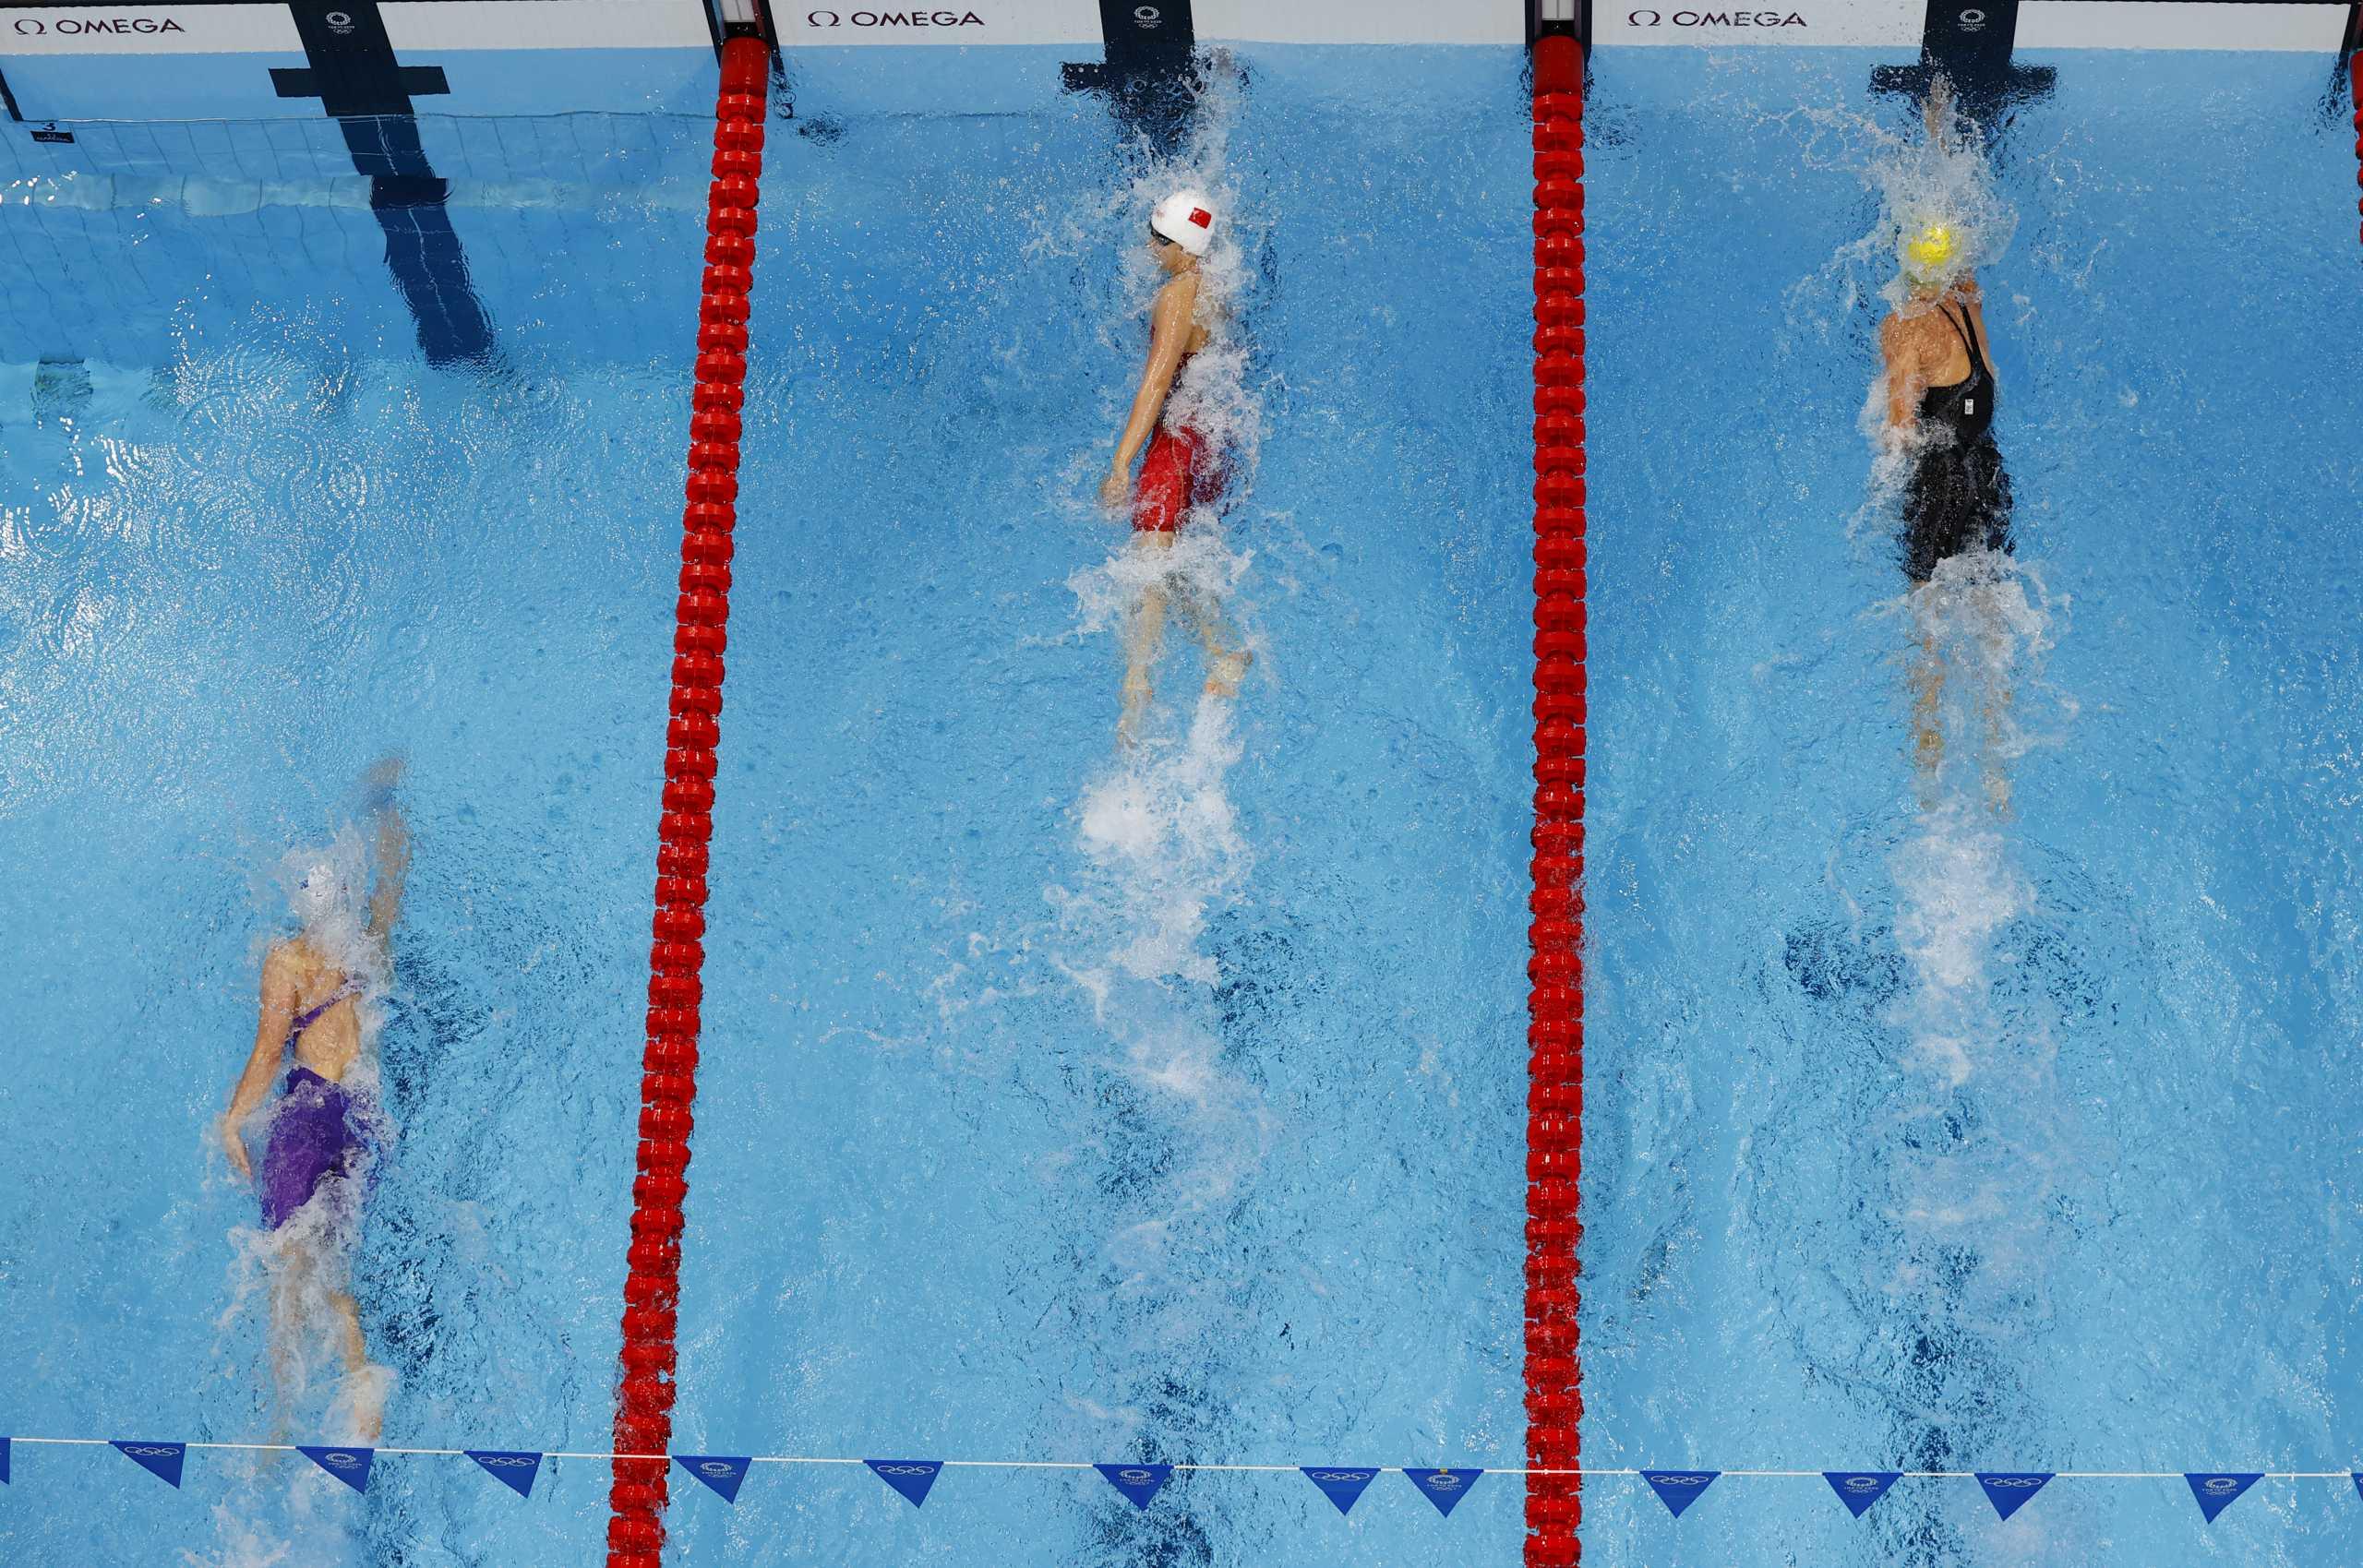 Ολυμπιακοί Αγώνες: Ενδέκατη με πανελλήνιο ρεκόρ η 4Χ100μ. μικτή ομαδική mixed